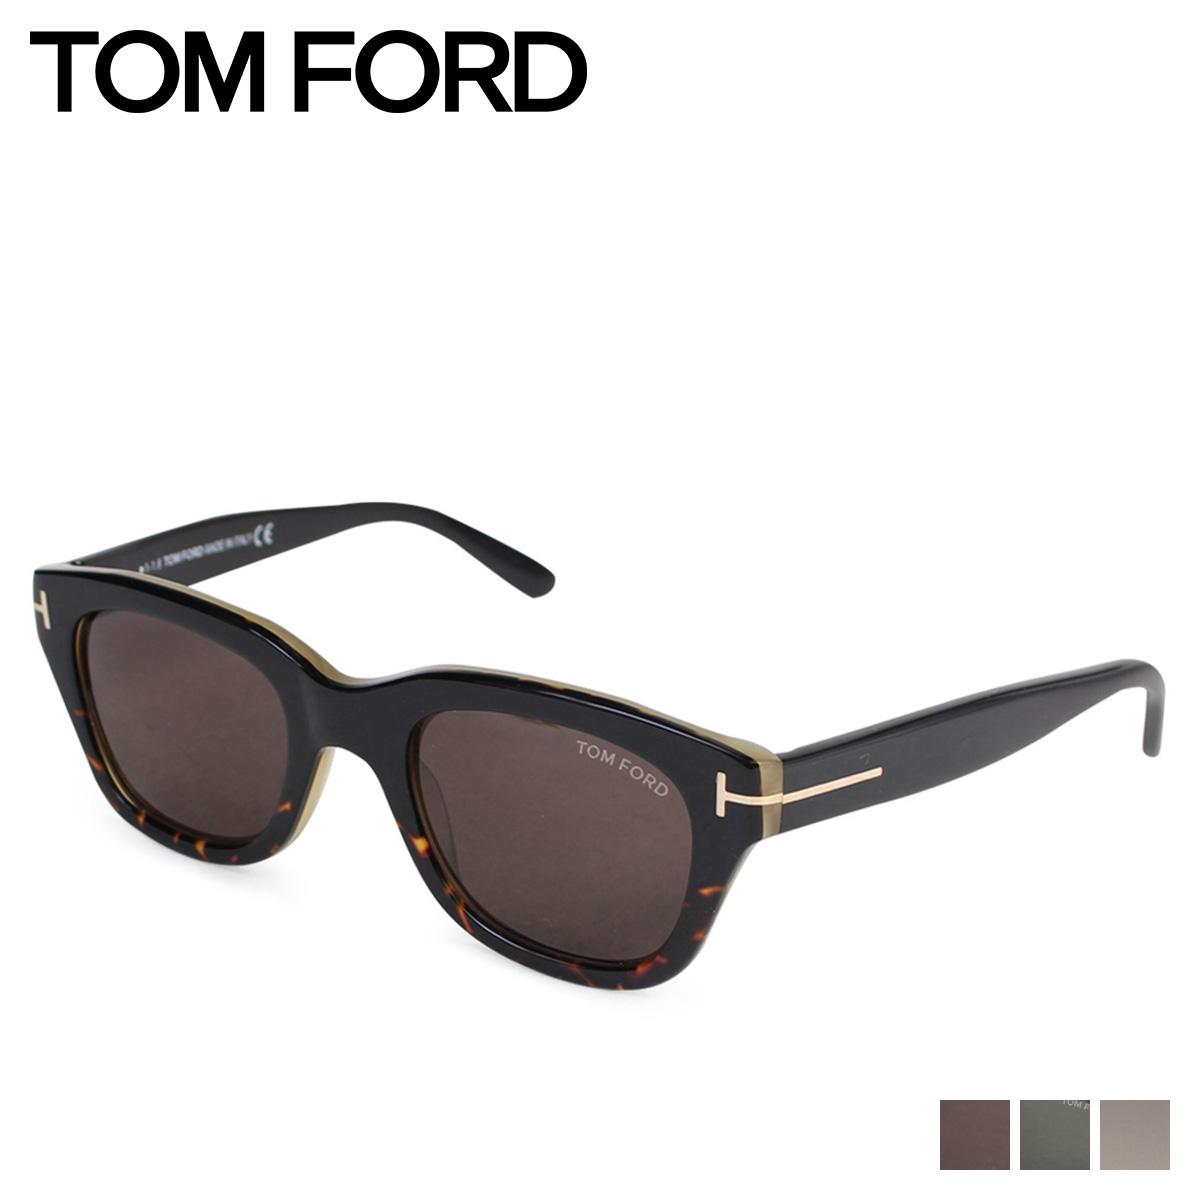 TOM FORD SNOWDON トムフォード サングラス メンズ レディース UVカット アジアンフィット ウェリントン アイウェア ブラック ブラウン 黒 FT0237